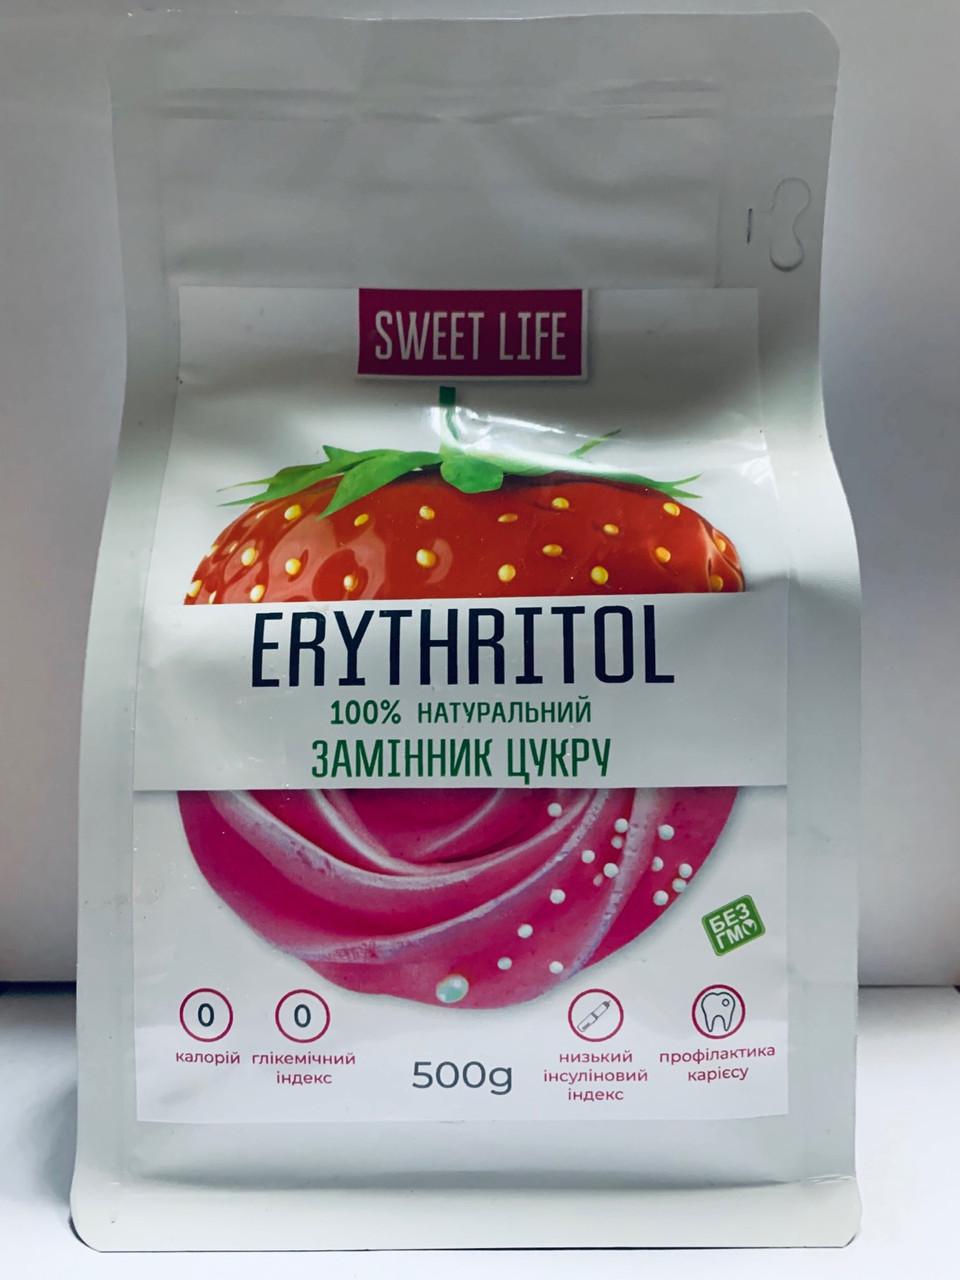 Натуральный сахарозаменитель эритритол Sweet Life Erythritol 500 g